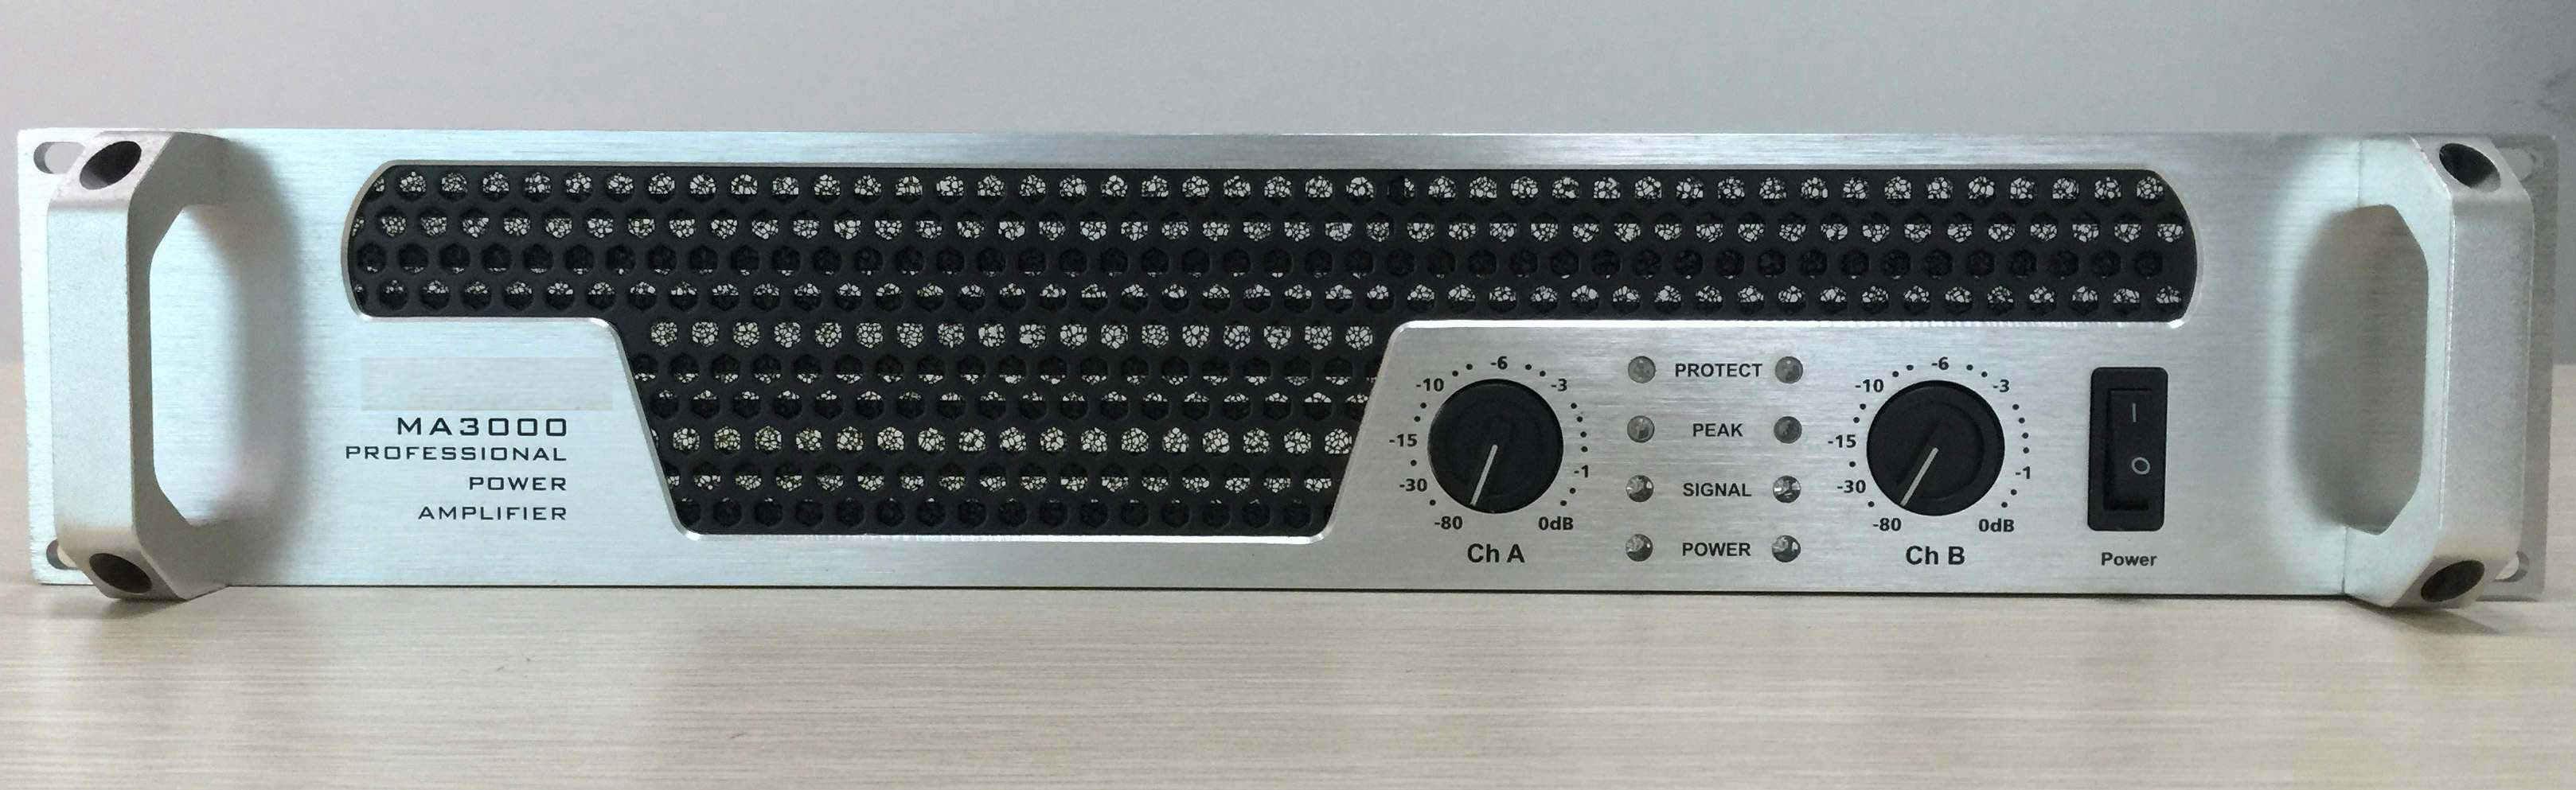 2 Channels Professional Power Amplifier, 2u Standard Cabinet (Silver color board)